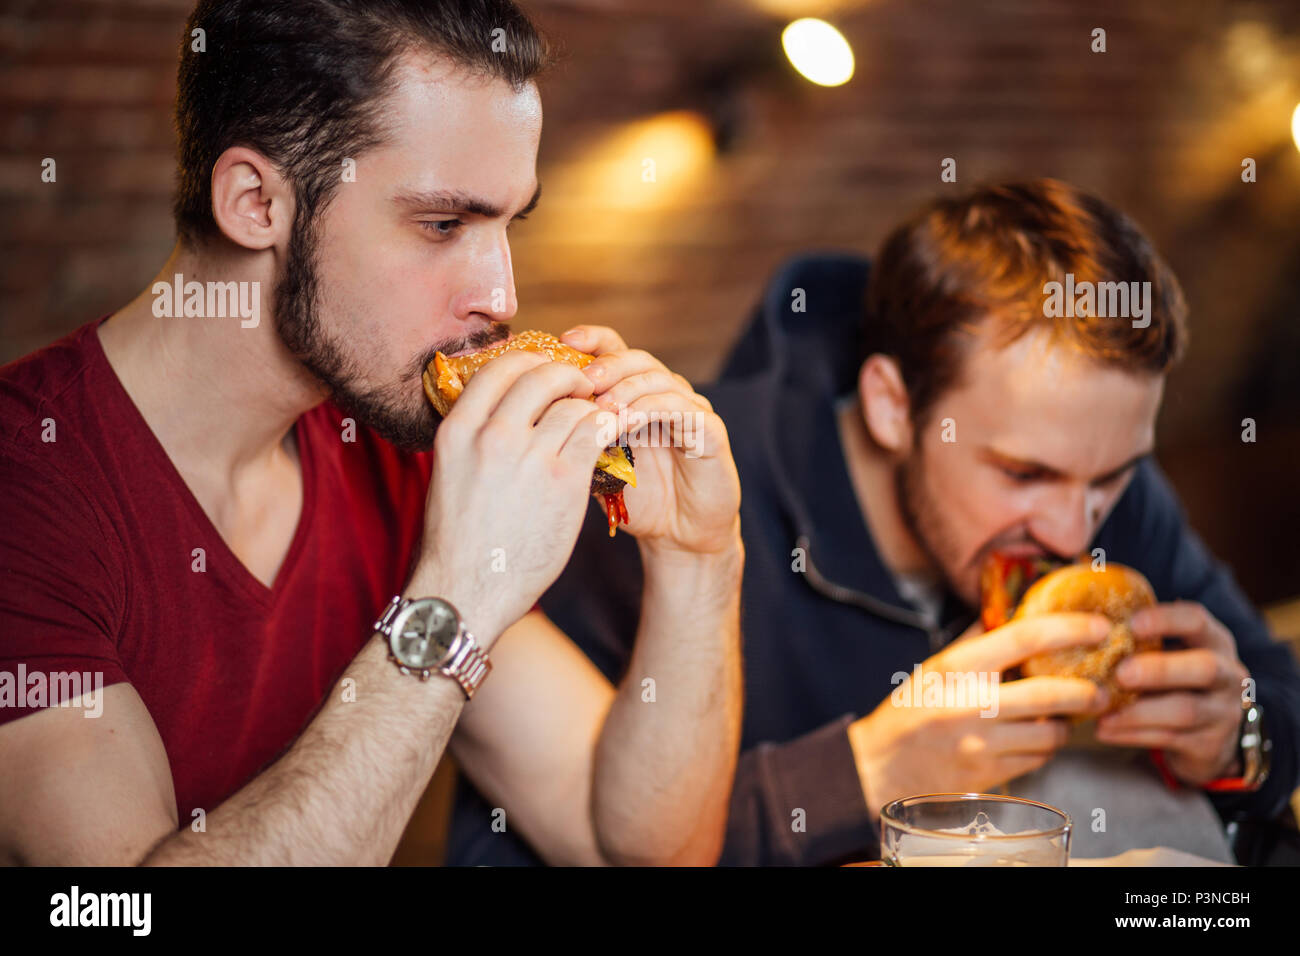 Dos amigos varones felices comiendo sabrosas hamburguesas en bares. Imagen De Stock